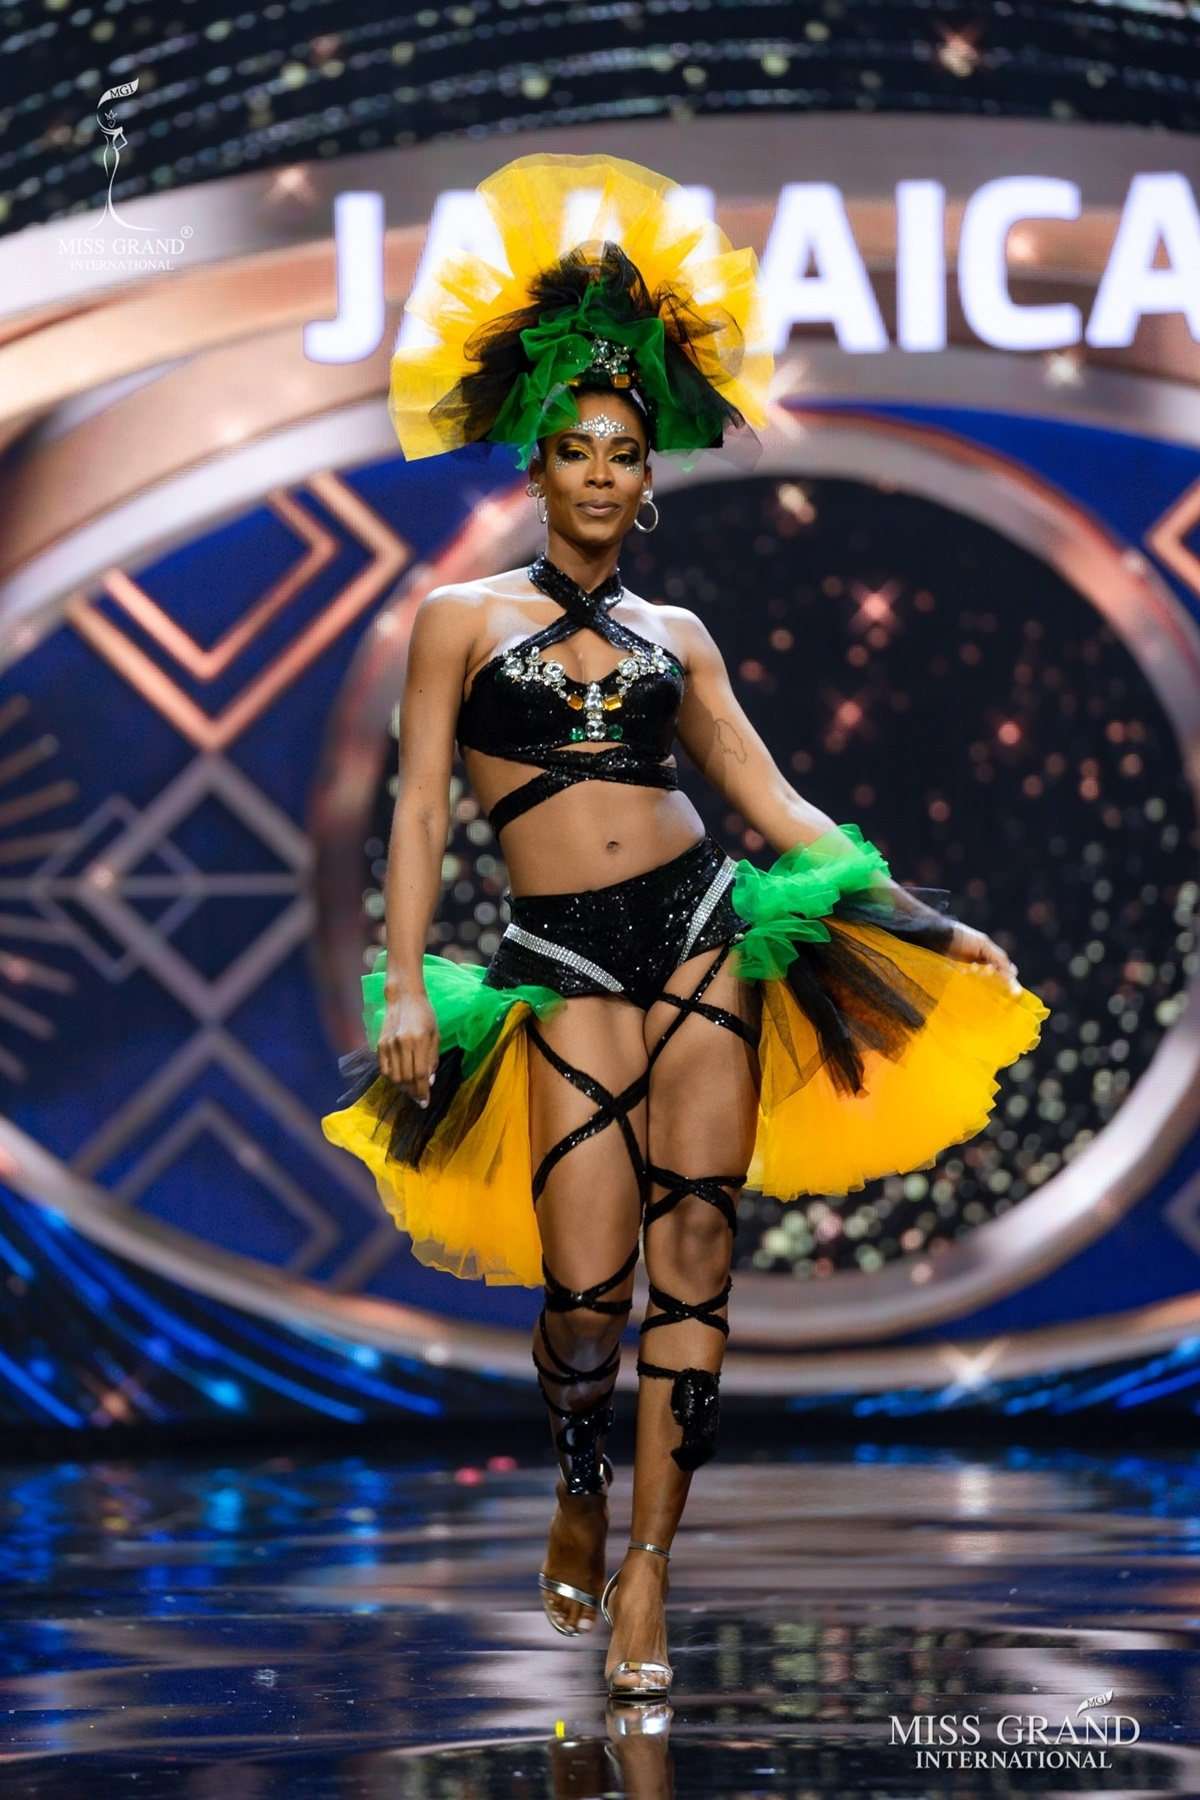 Những thiết kế với kiểu dáng độc đáo, sexy được các người đẹp Latin ưa chuộng. Trong hình là đại diện Jamaica.